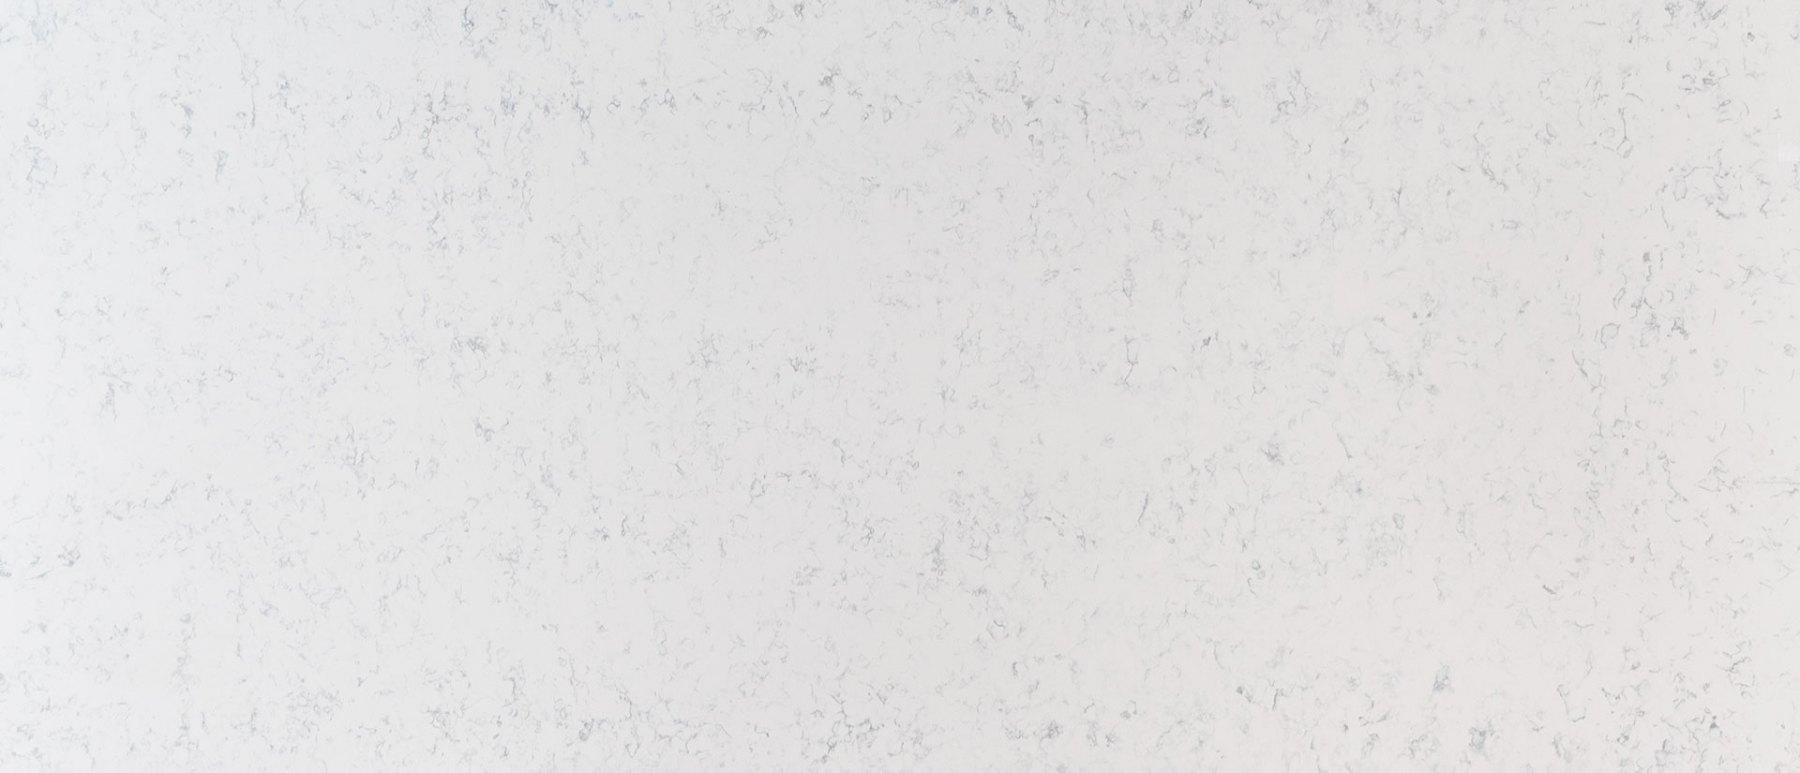 carrara-lumos-quartz